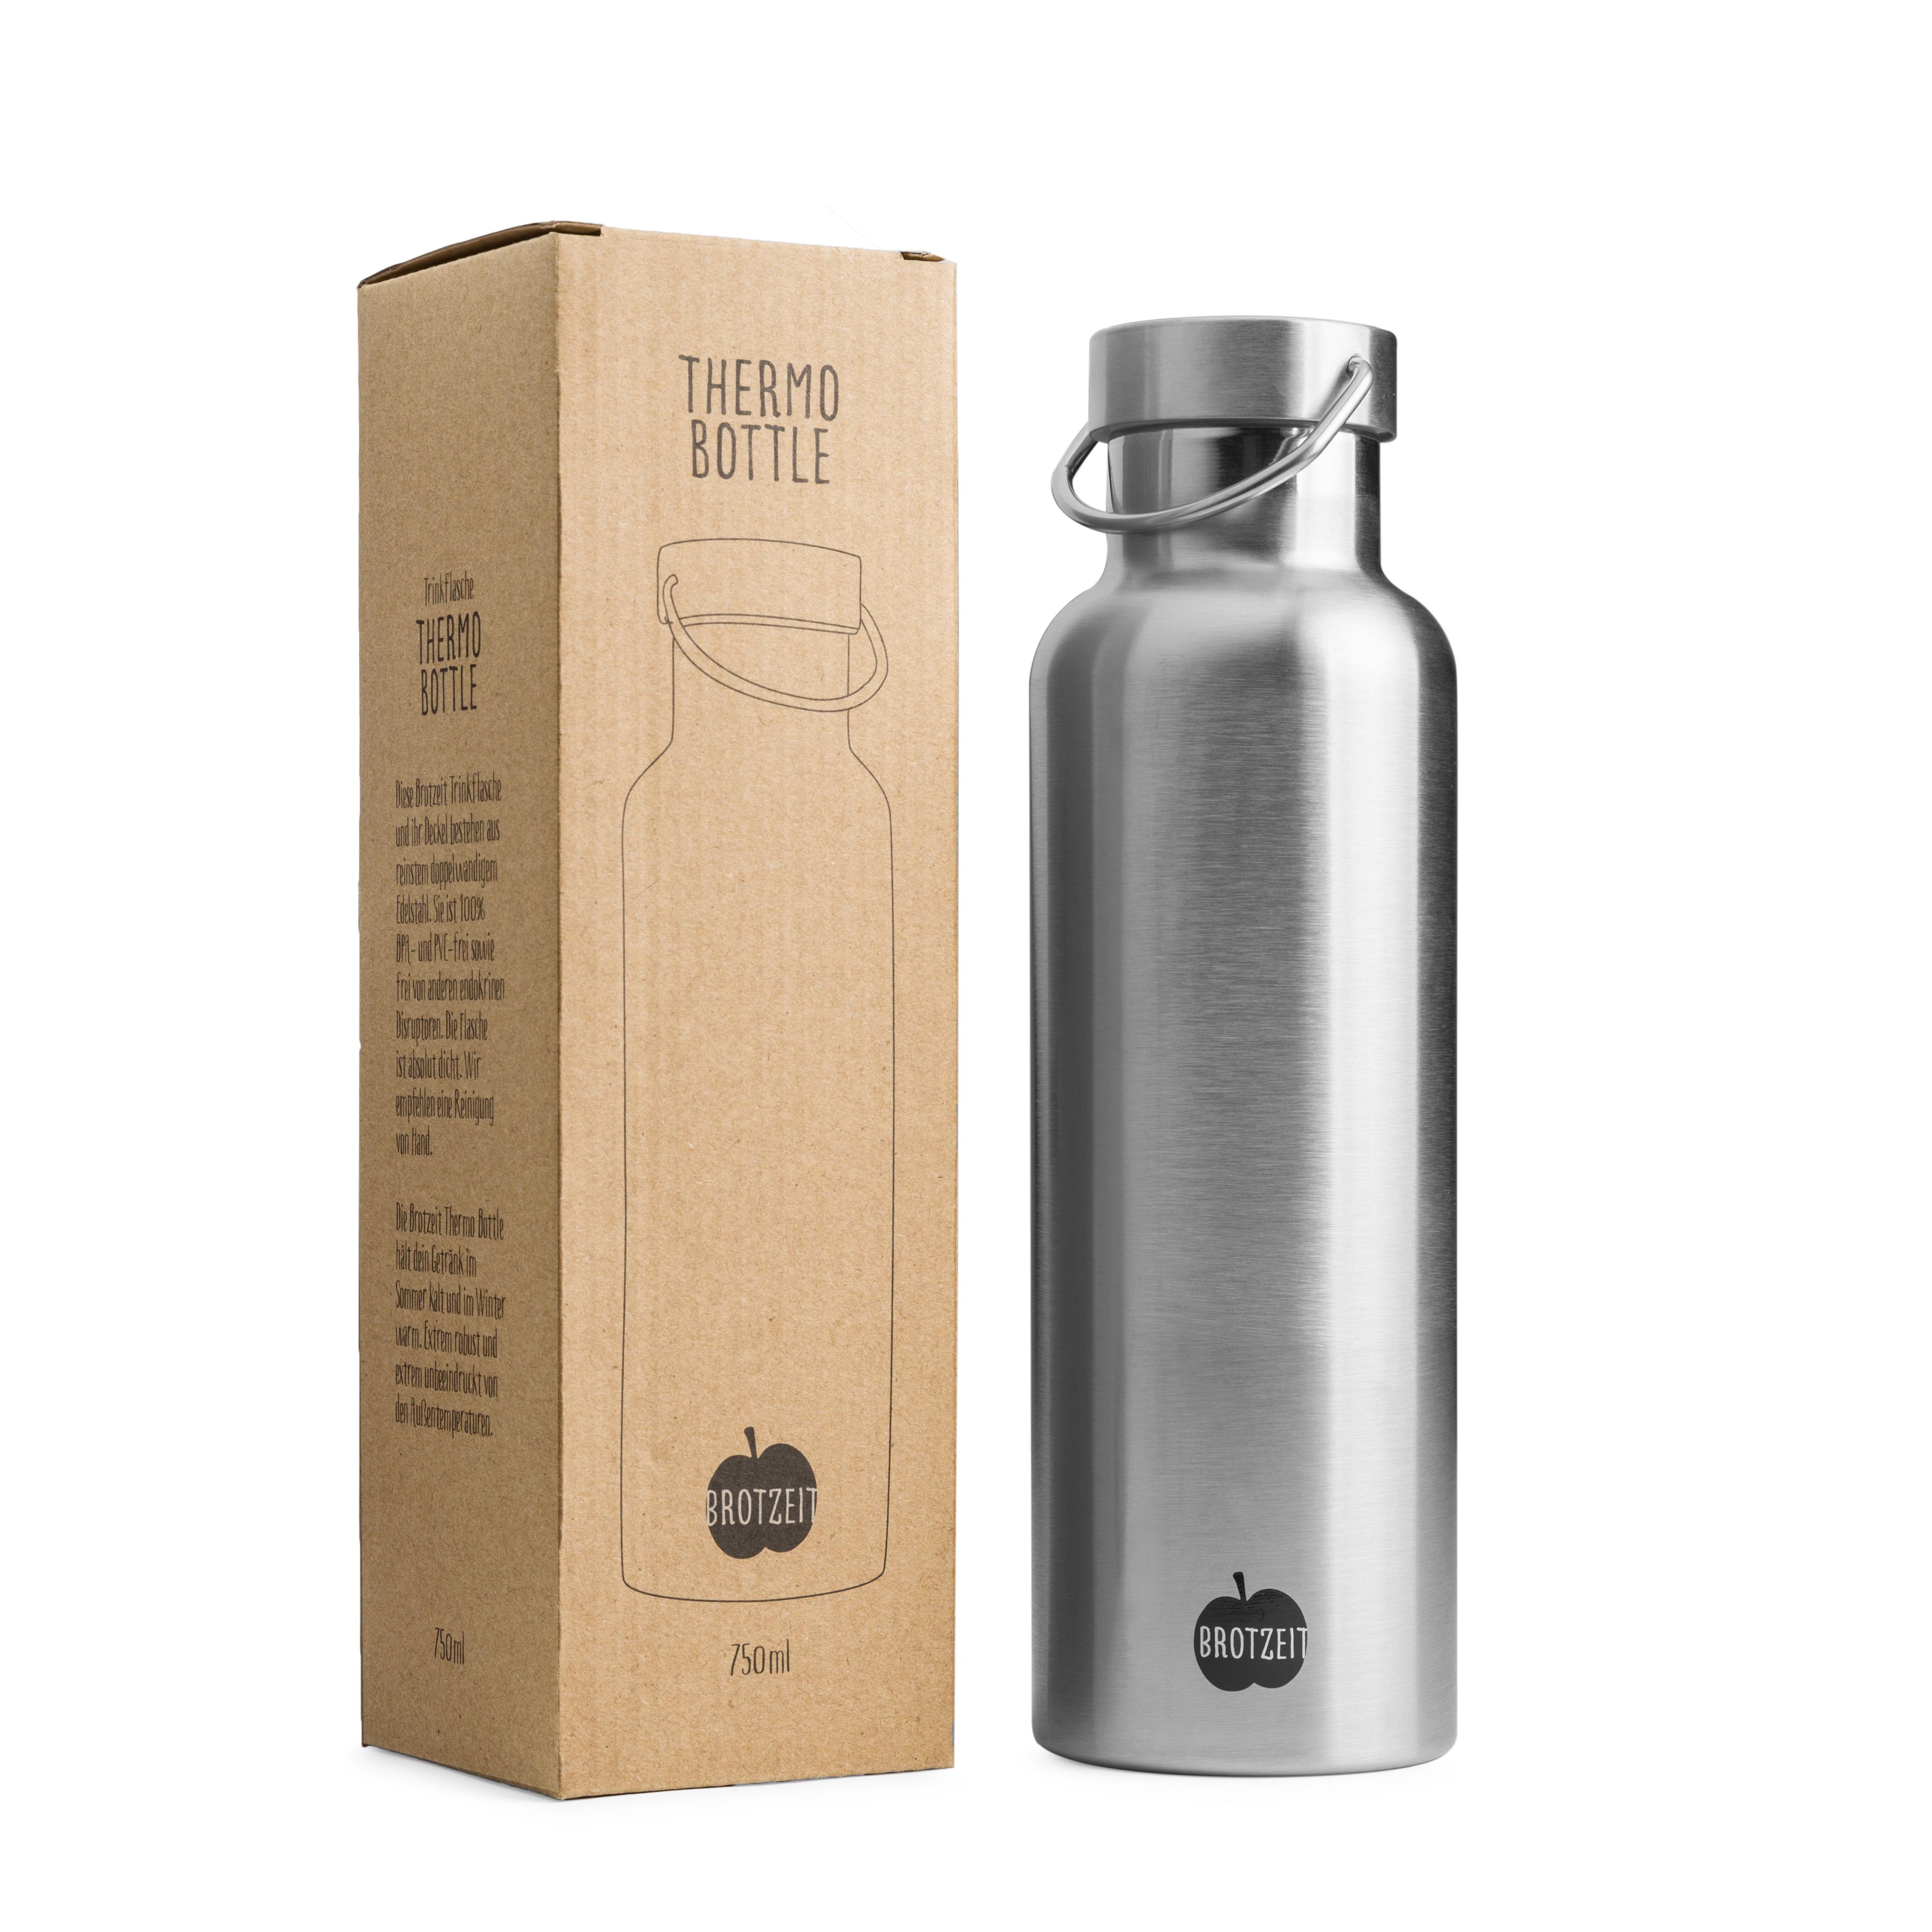 Brotzeit Thermosflasche Edelstahl 0,75l